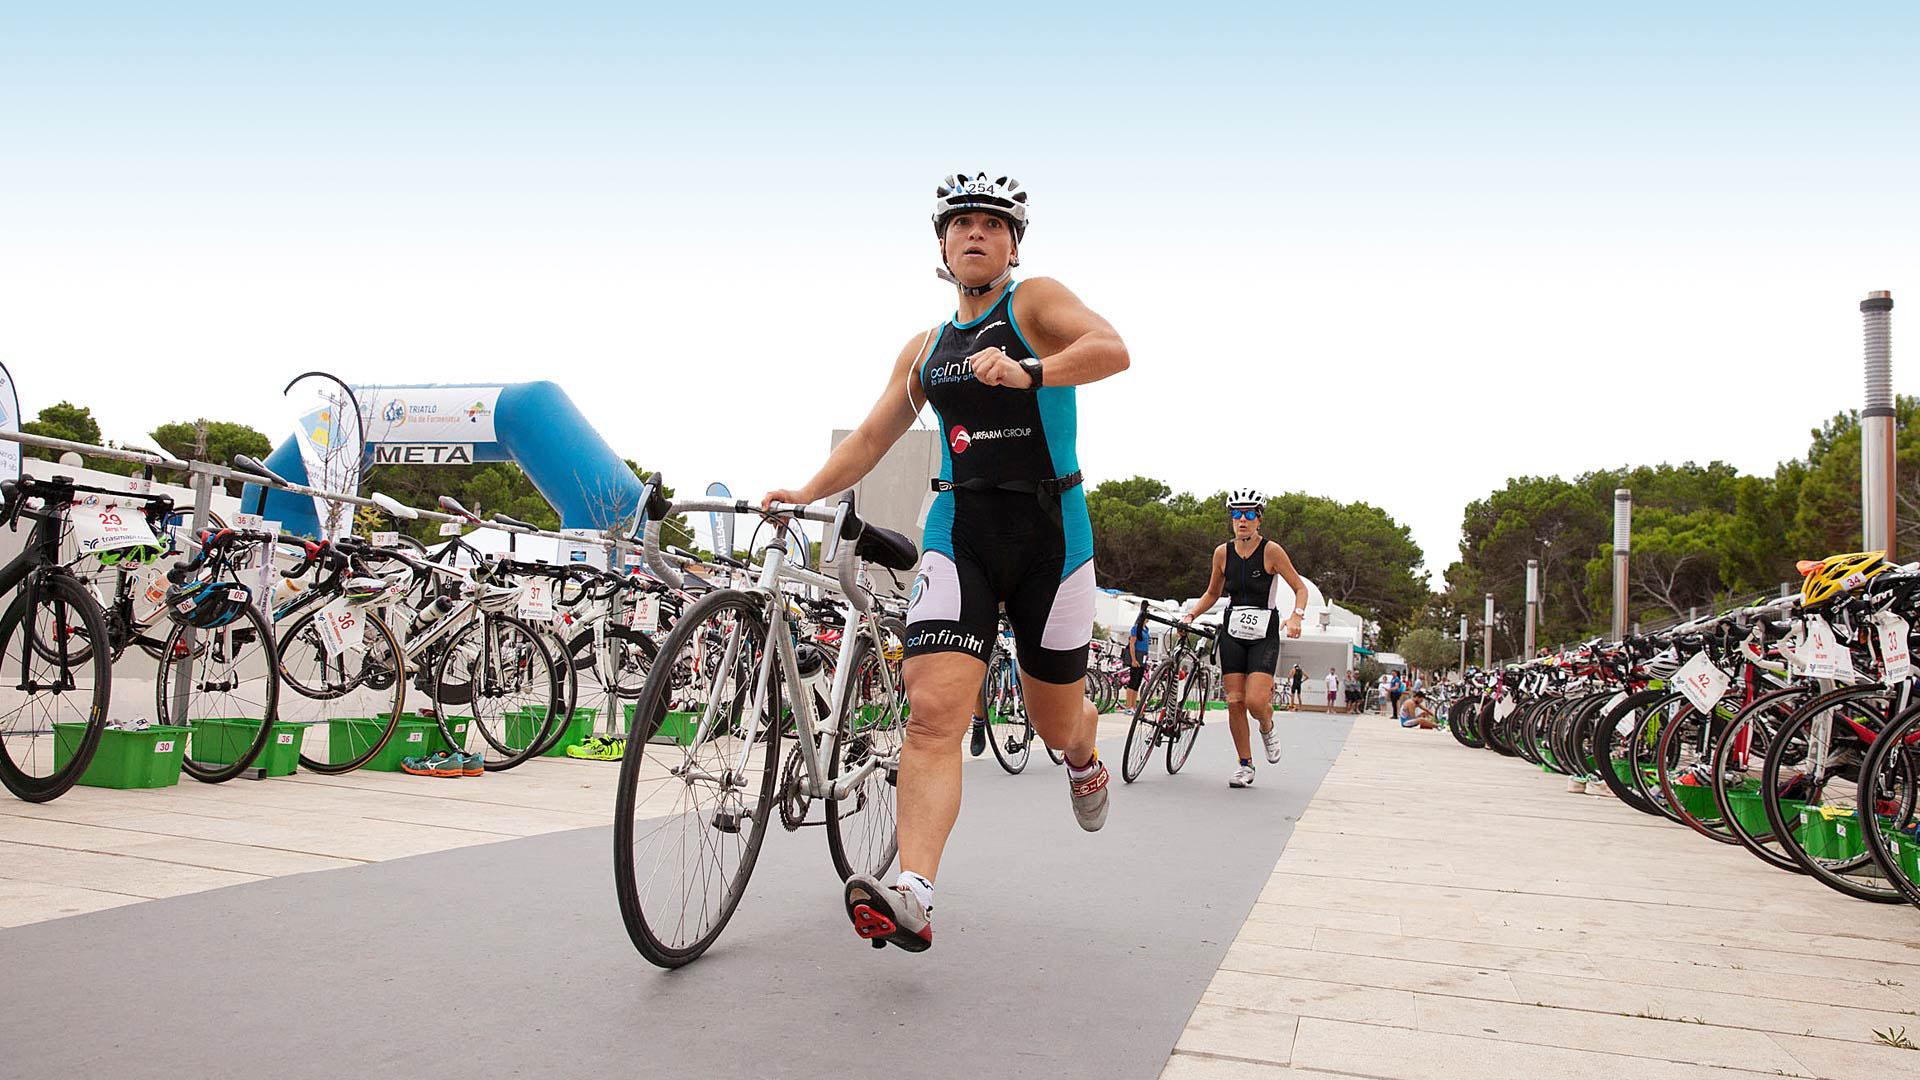 Imagen Events Triatlón Illa de Formentera